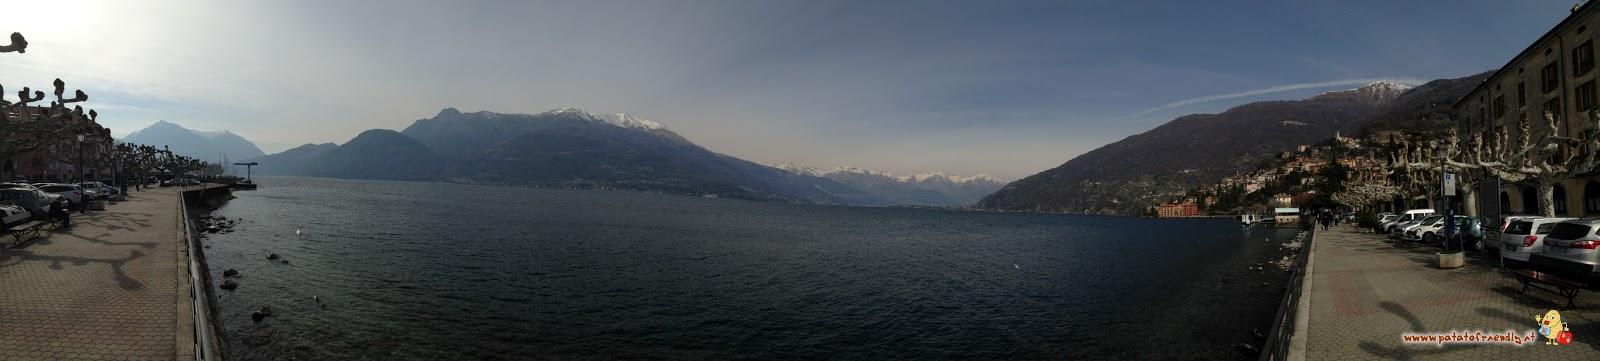 Bellano, il Lago e l'Orrido di Bellano